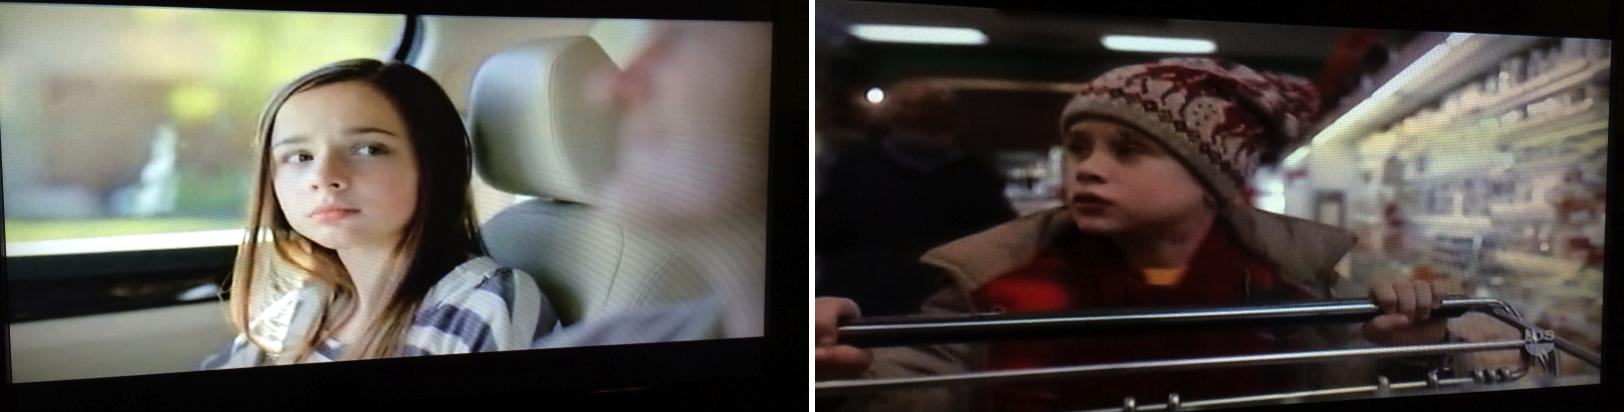 TV Froze during superbowl